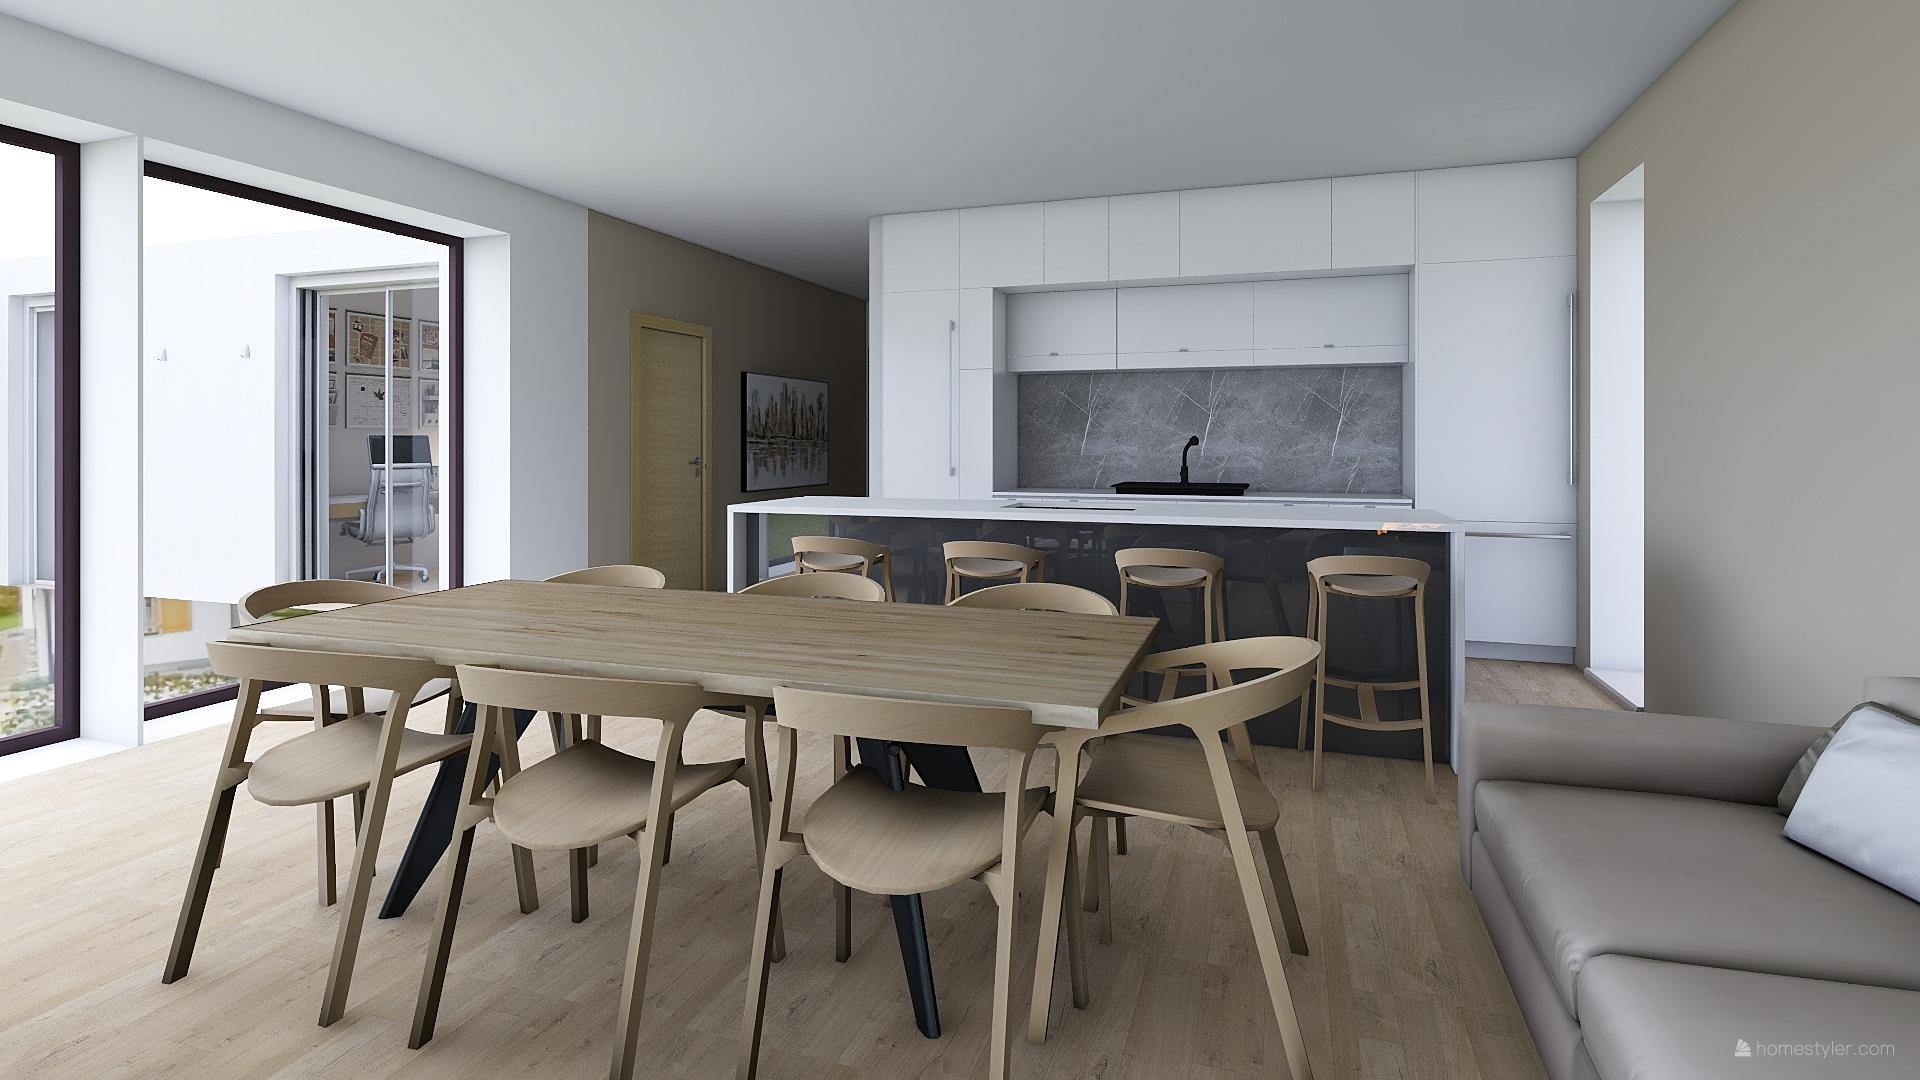 Mé dokonale nedokonalé vizualizace našeho budoucího domu - Kuchyň je zatím od oka, neboť její tvorba v Homestyleru je dost horor :-D